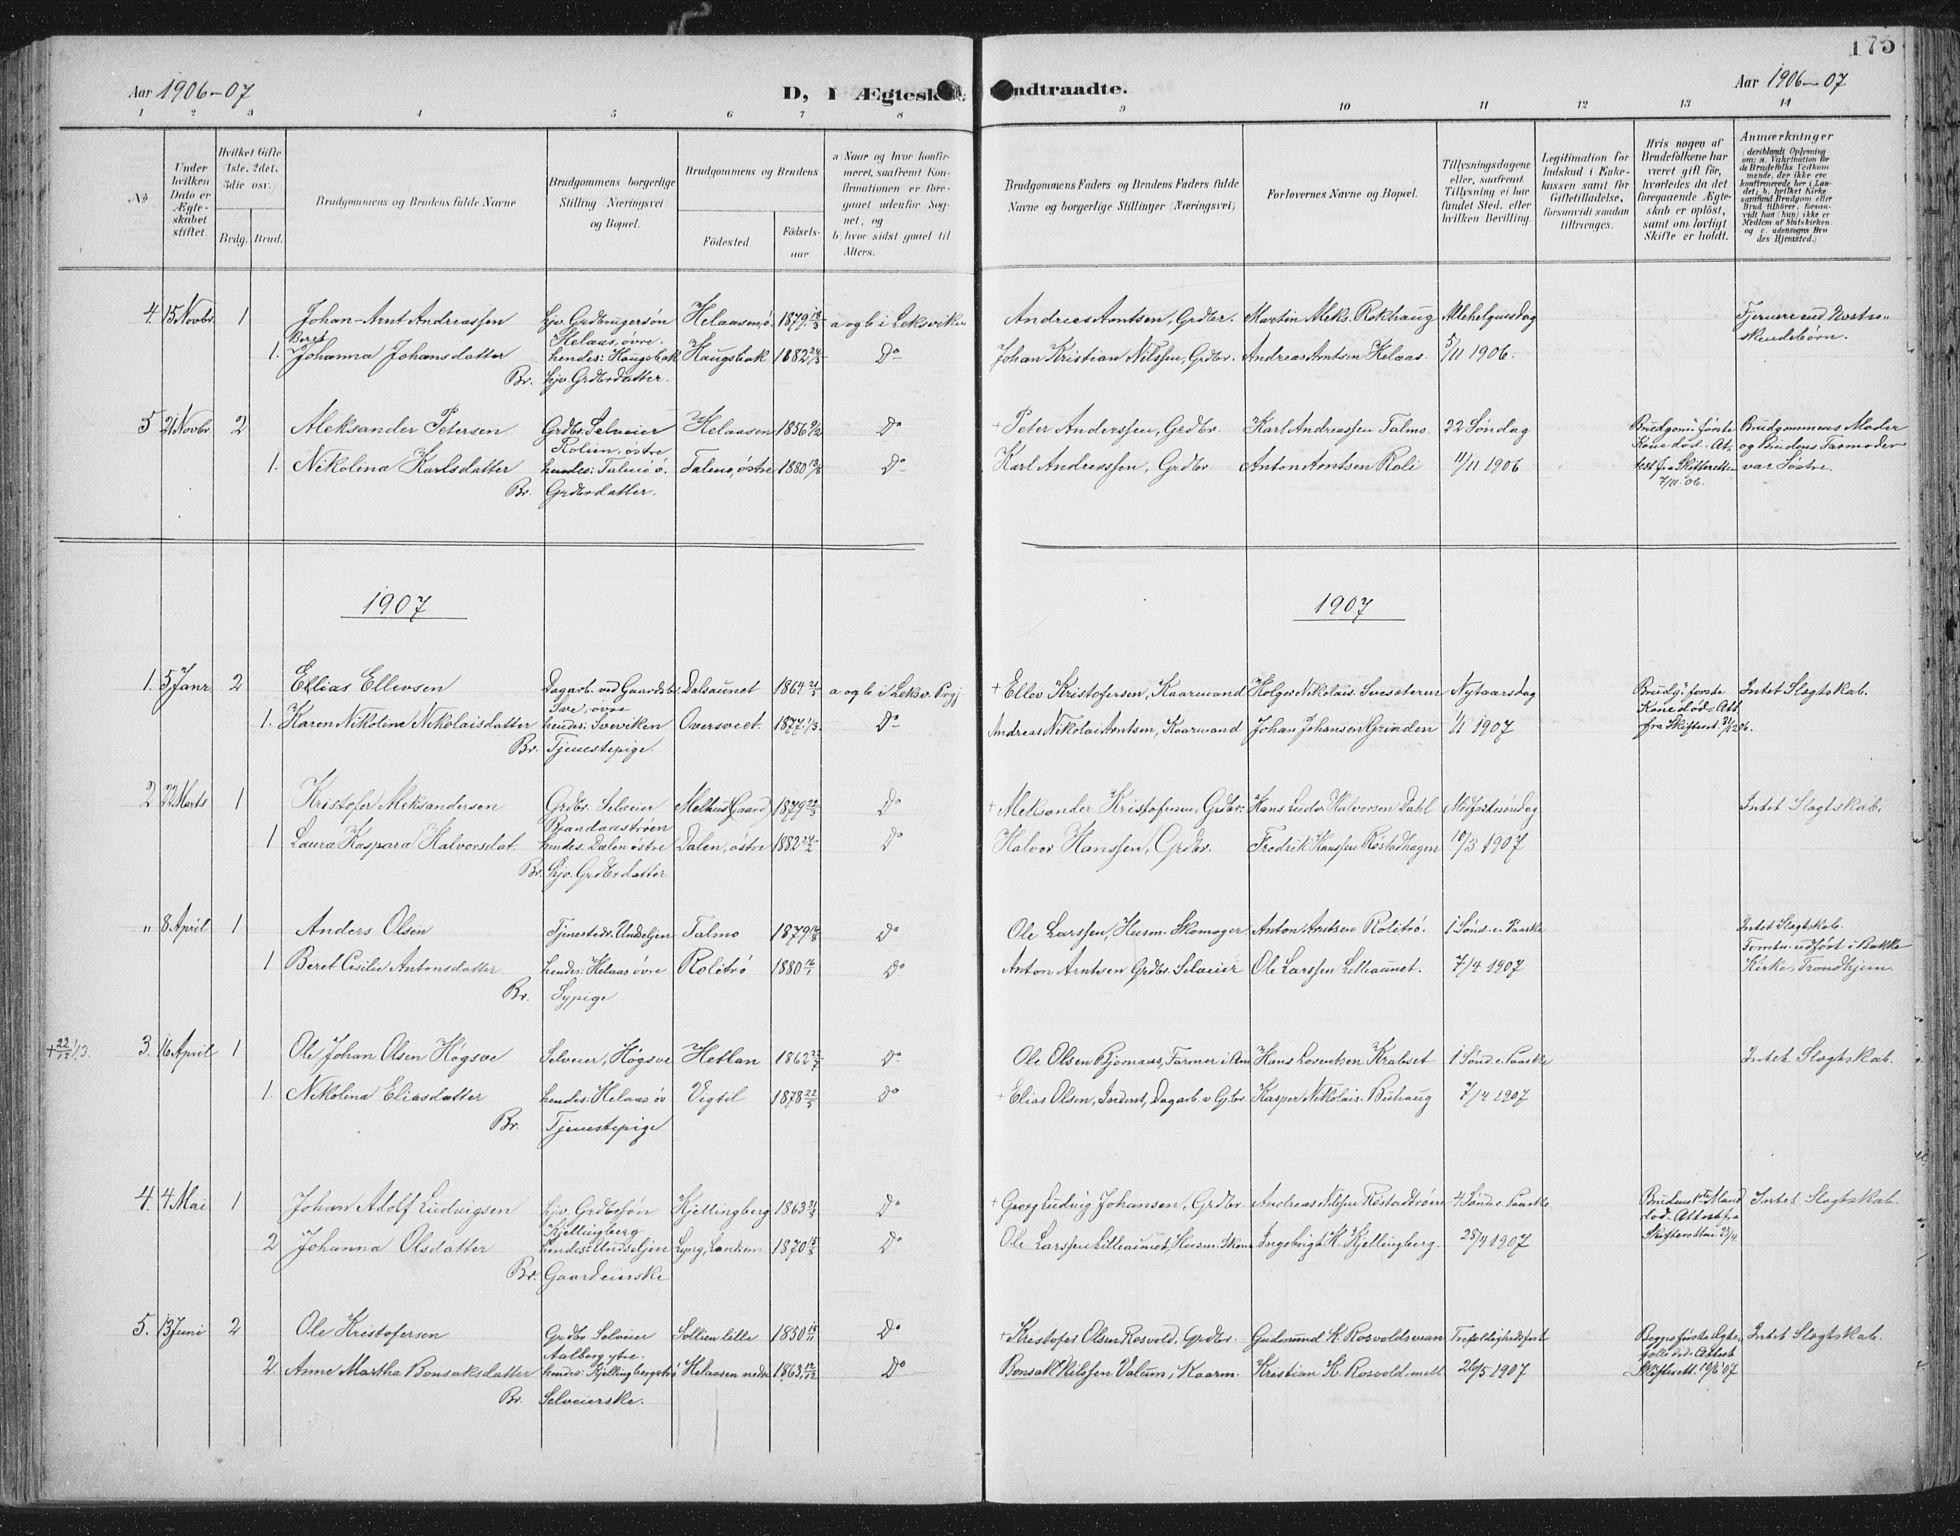 SAT, Ministerialprotokoller, klokkerbøker og fødselsregistre - Nord-Trøndelag, 701/L0011: Ministerialbok nr. 701A11, 1899-1915, s. 175